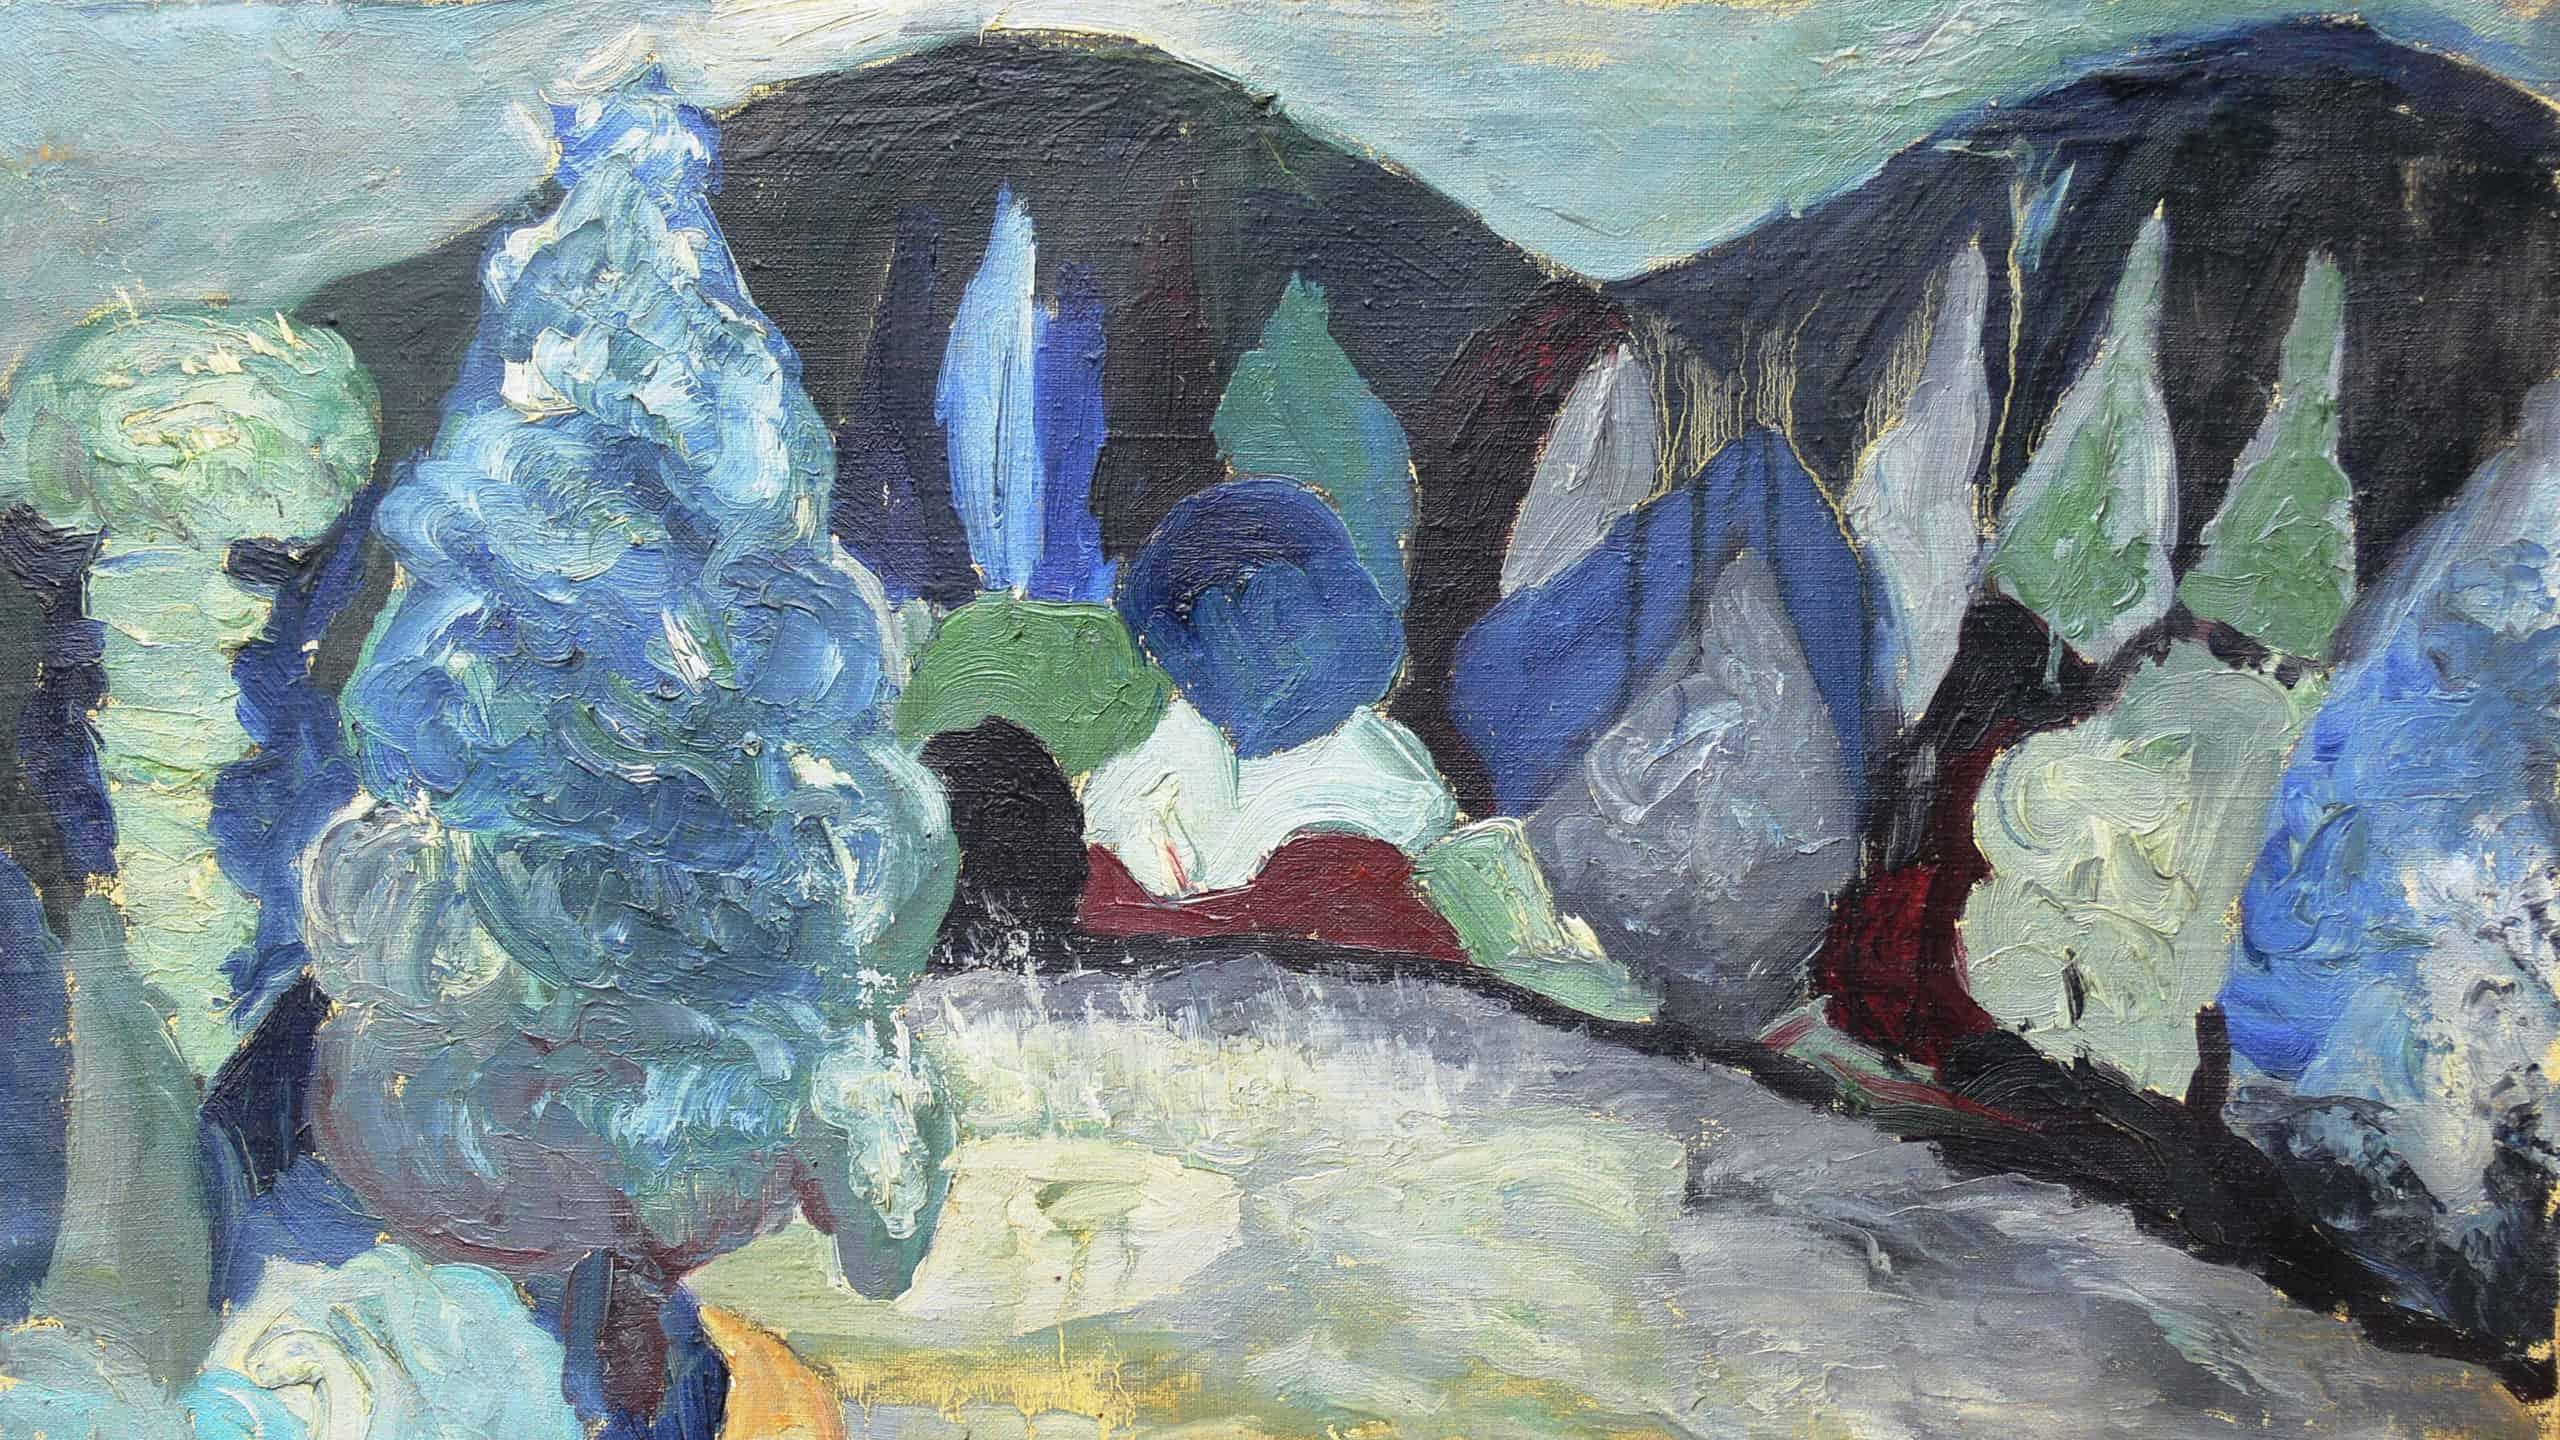 Pejzaż (fragment); zdjęcie z archiwum Skarbnicy Sztuki, kadrował: Paweł Wroński